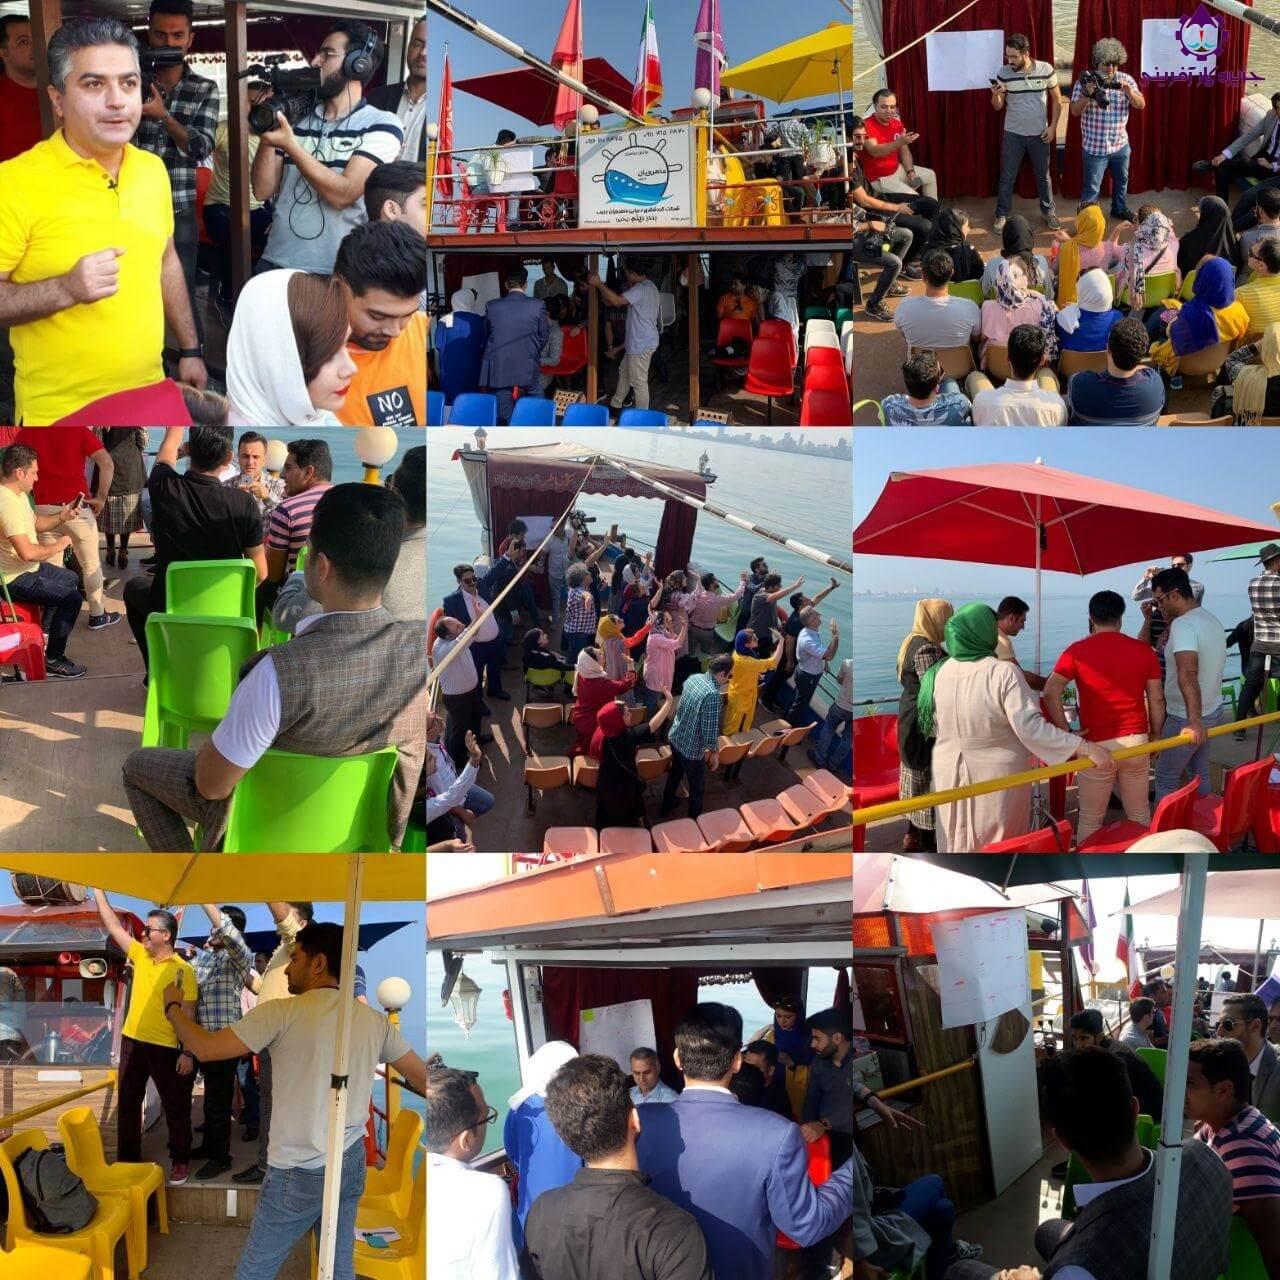 جلسه منتورینگ استارتاپ ها در جزیره کارآفرینی روی کشتی